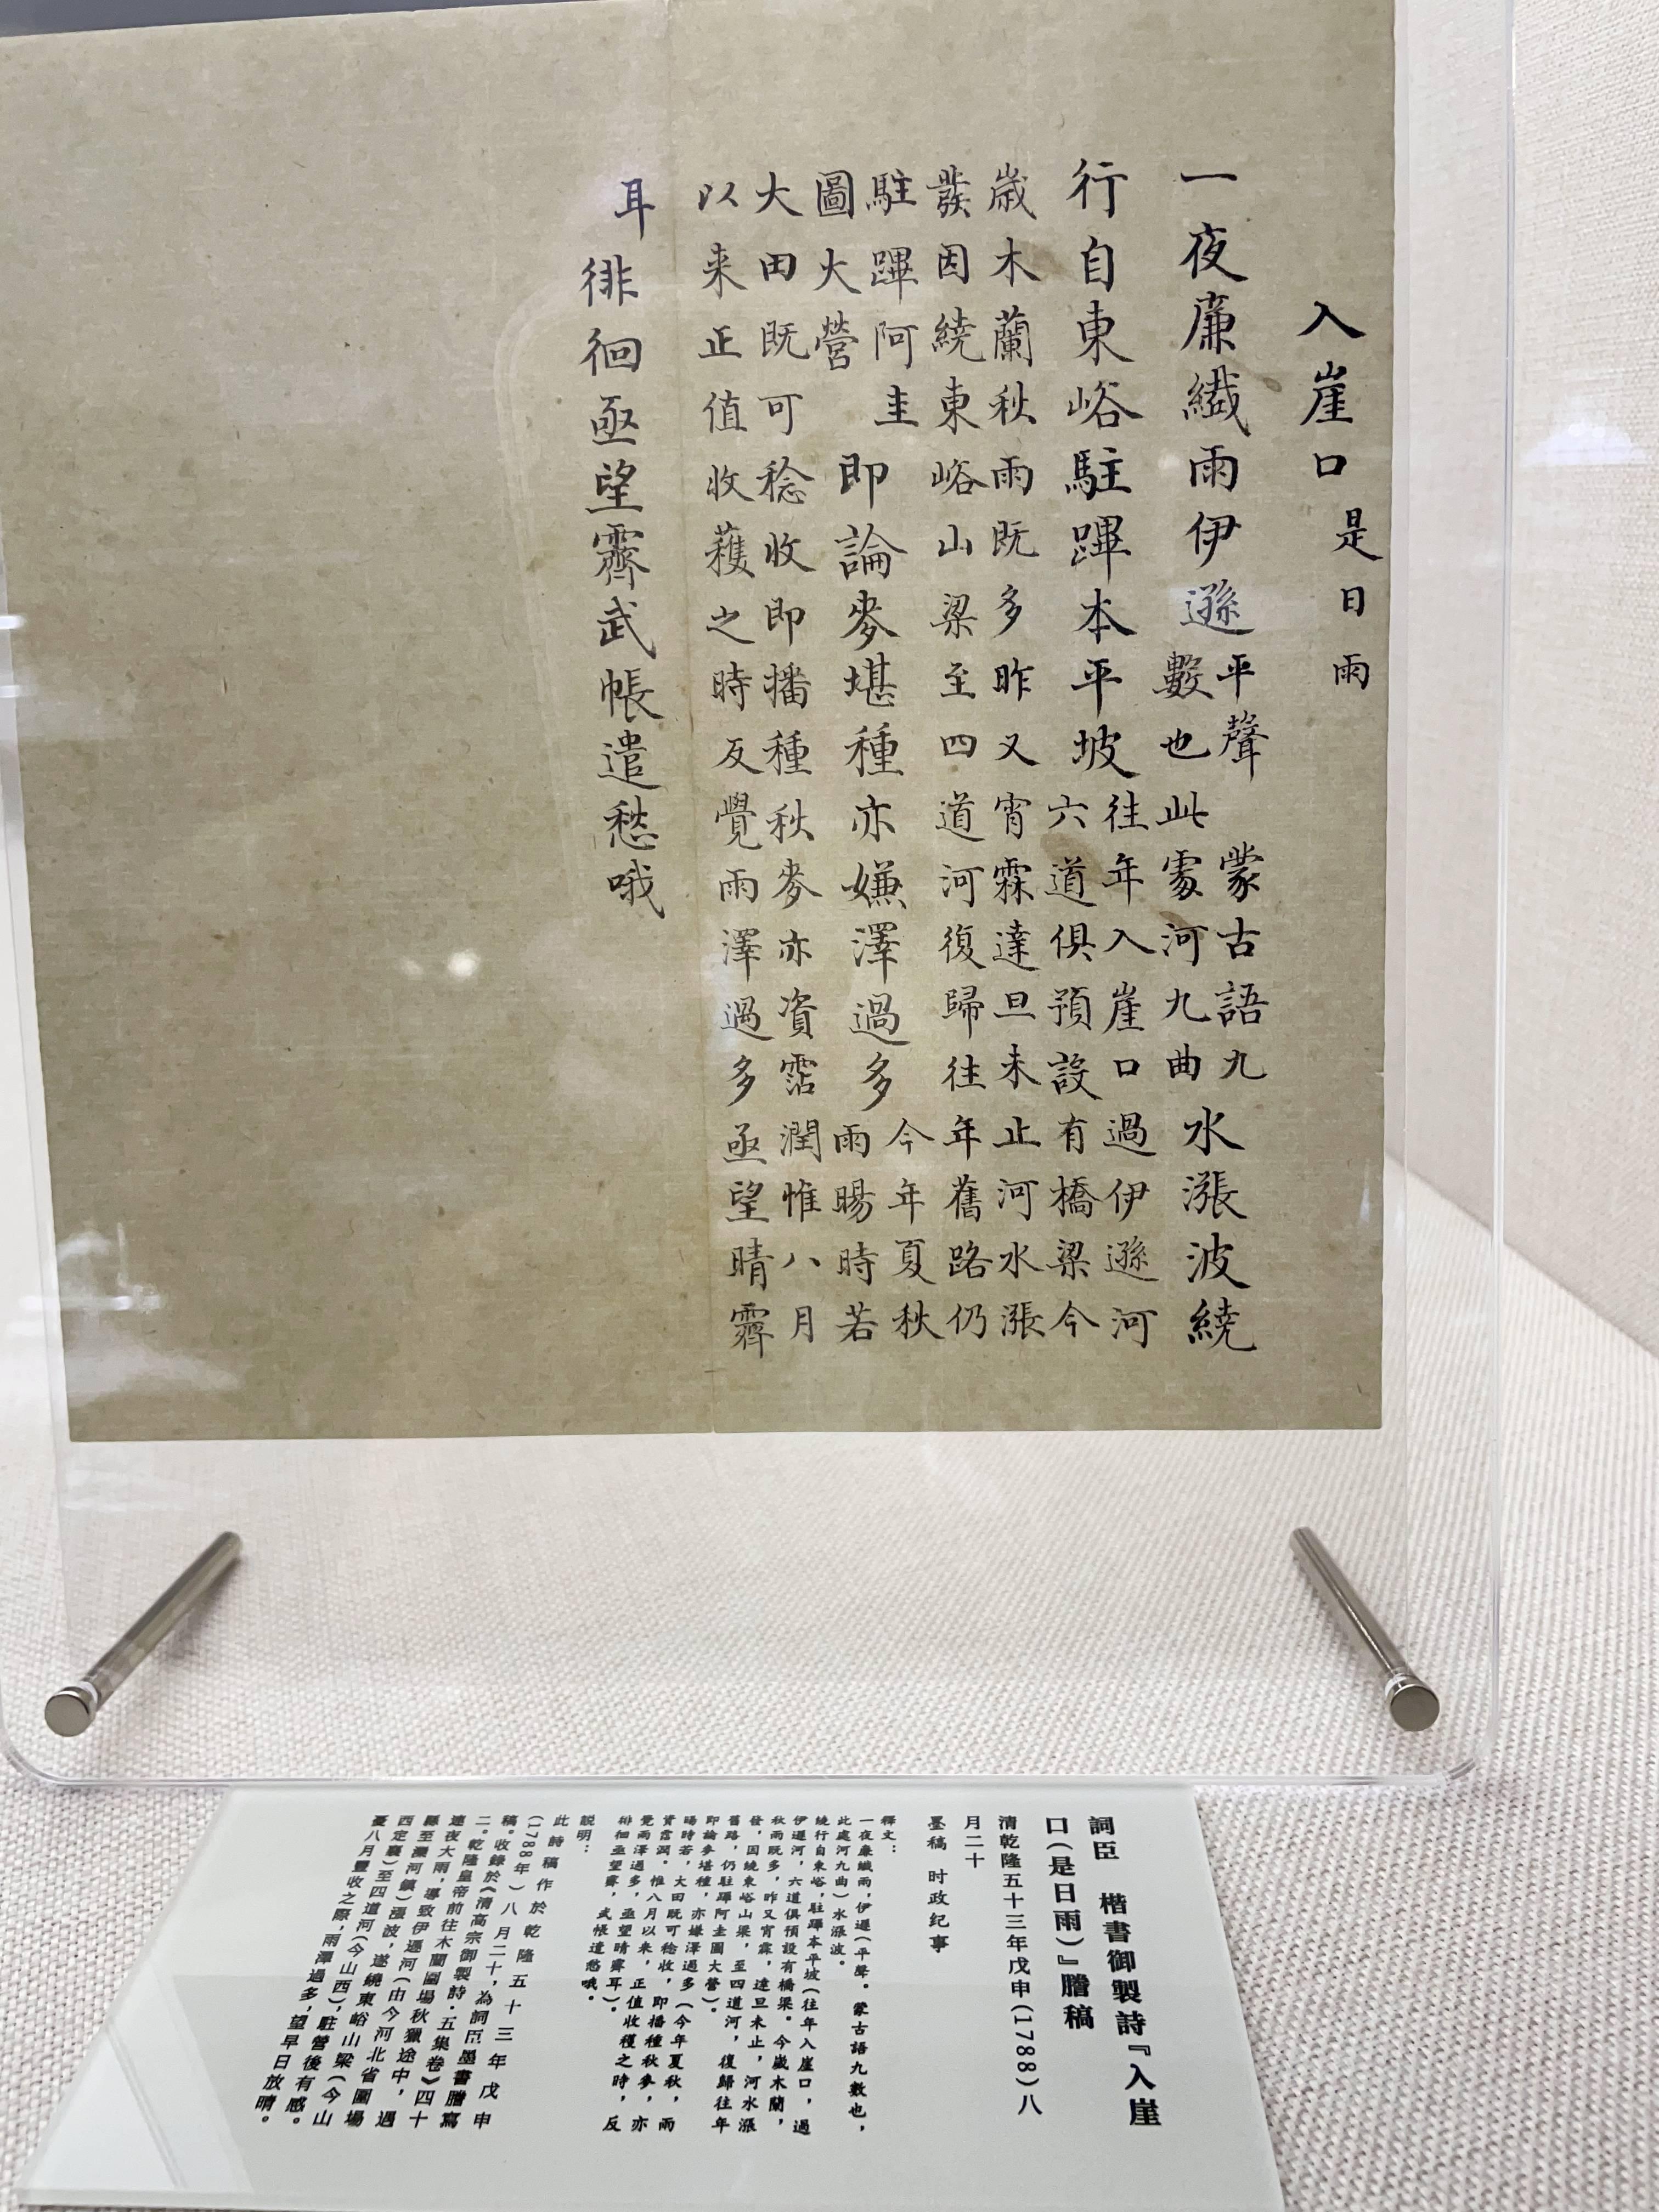 乾隆皇帝的御制诗文,真的都是他自己写的吗?